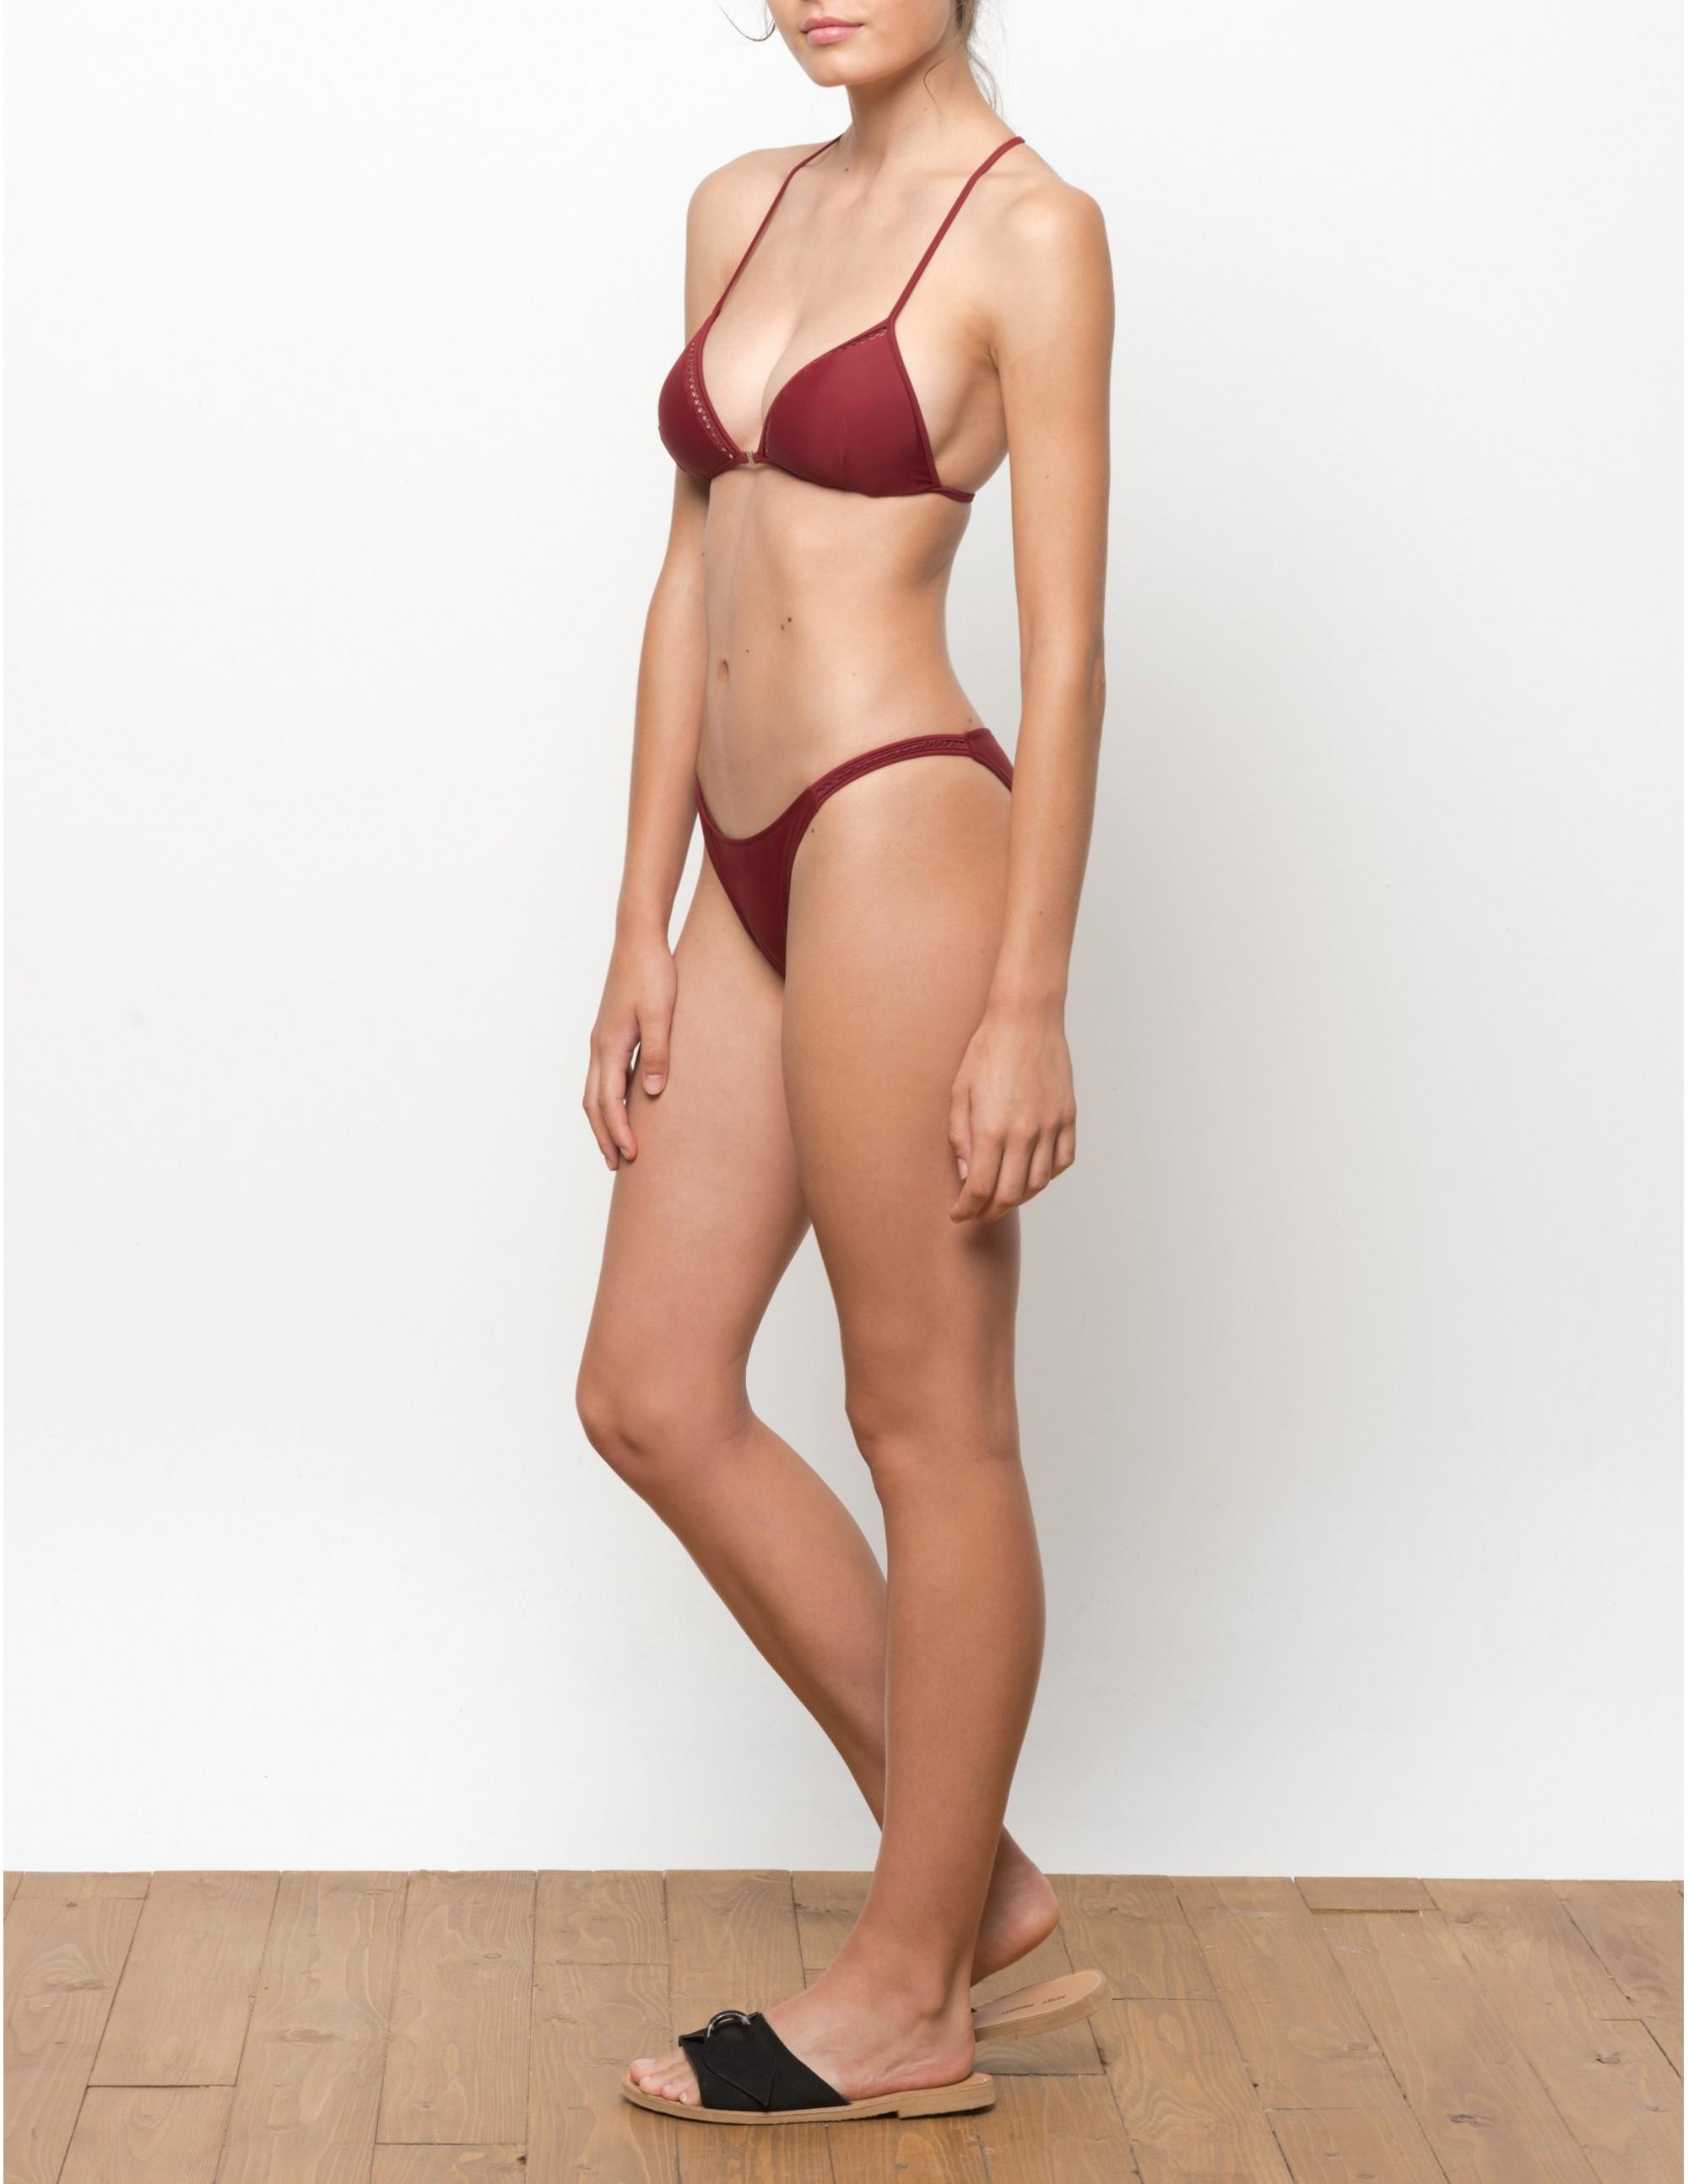 ANAMUR bikini bottom - MASAAI